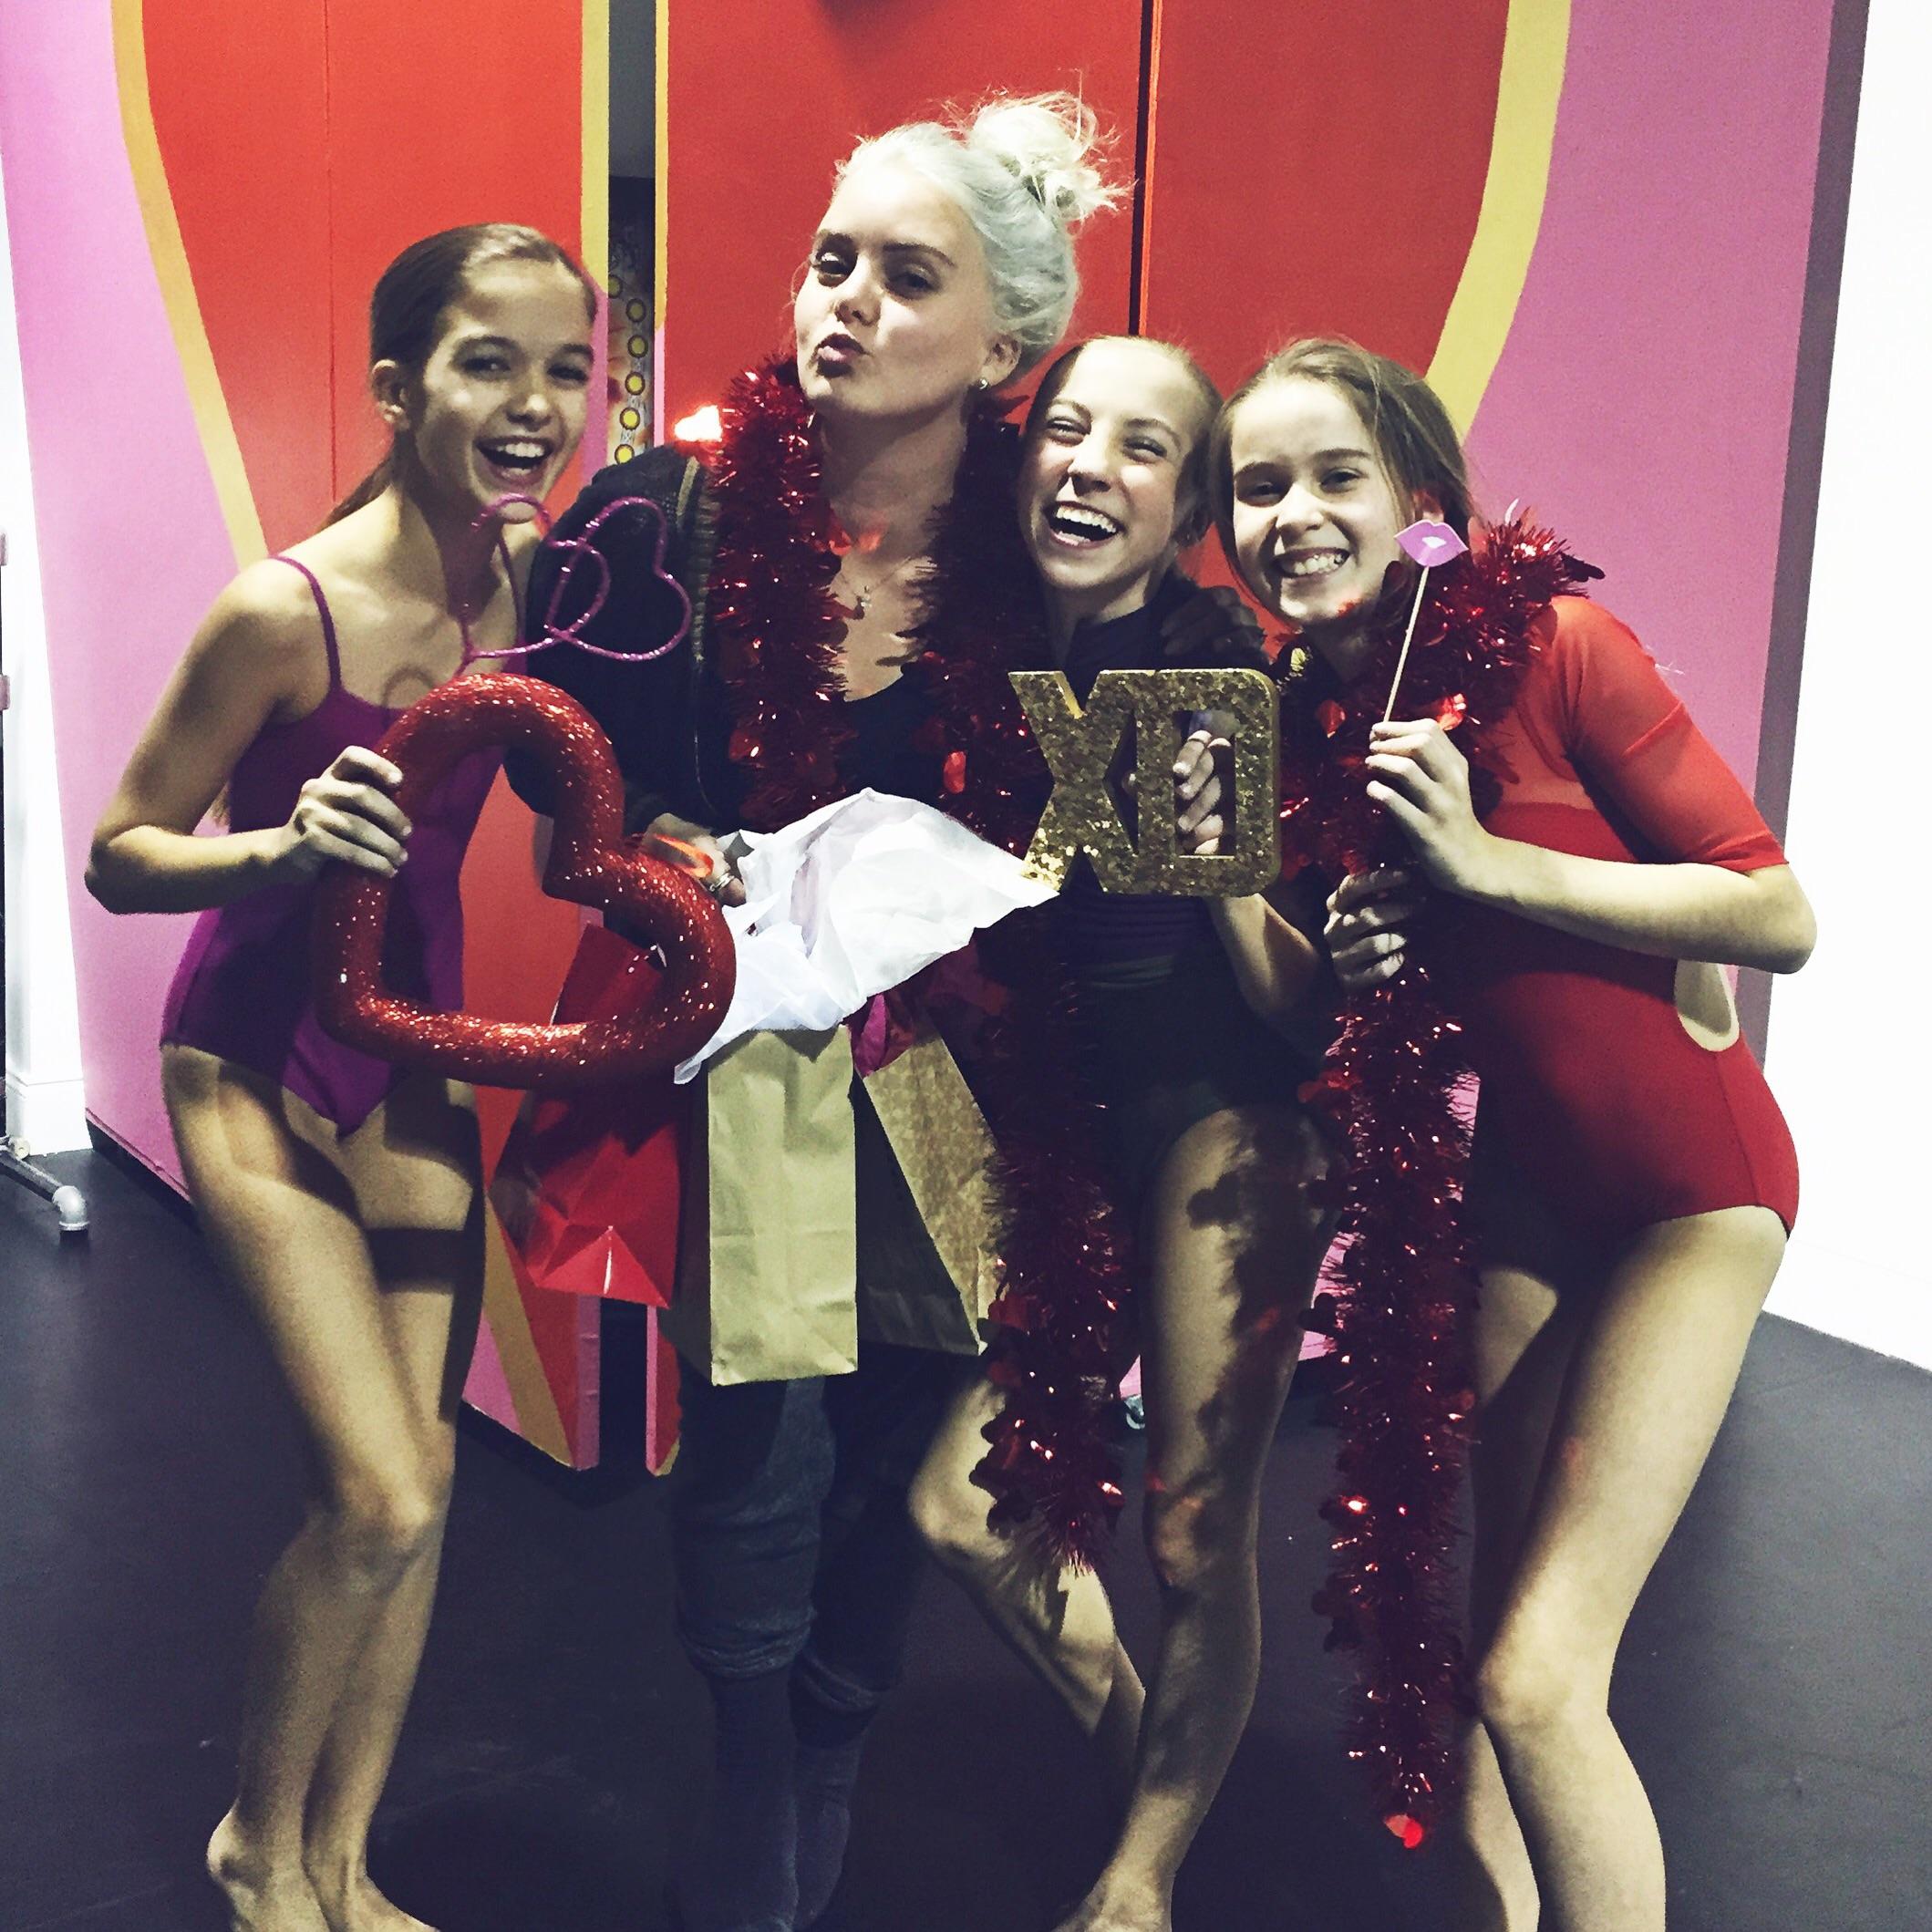 Olivia, Kathryn, and Bella from Rhythm Dance Center in Atlanta, GA